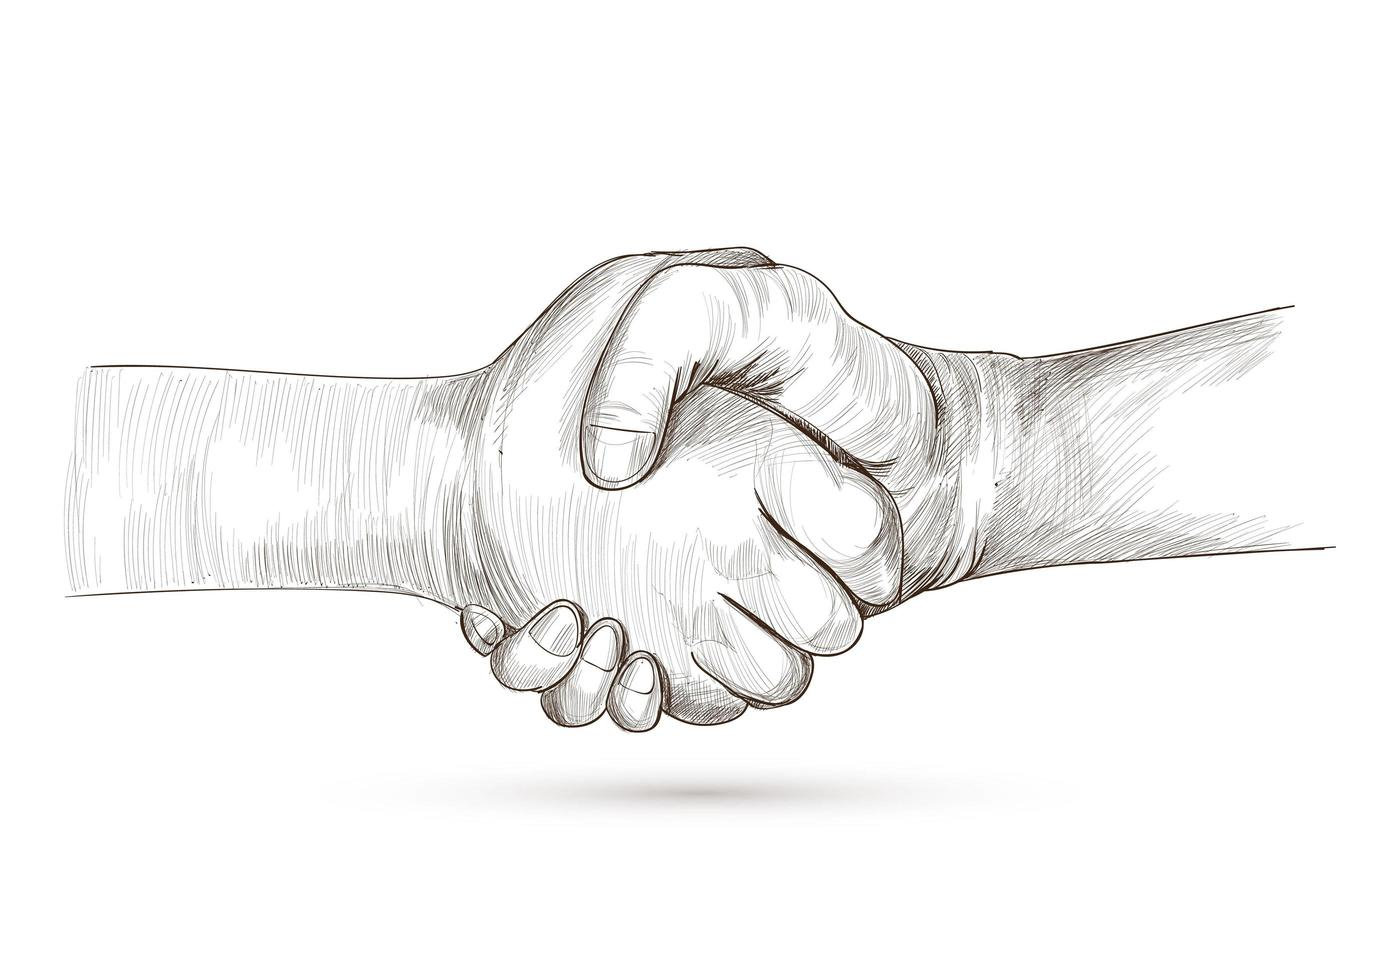 schöne detaillierte Handshake-Skizze vektor